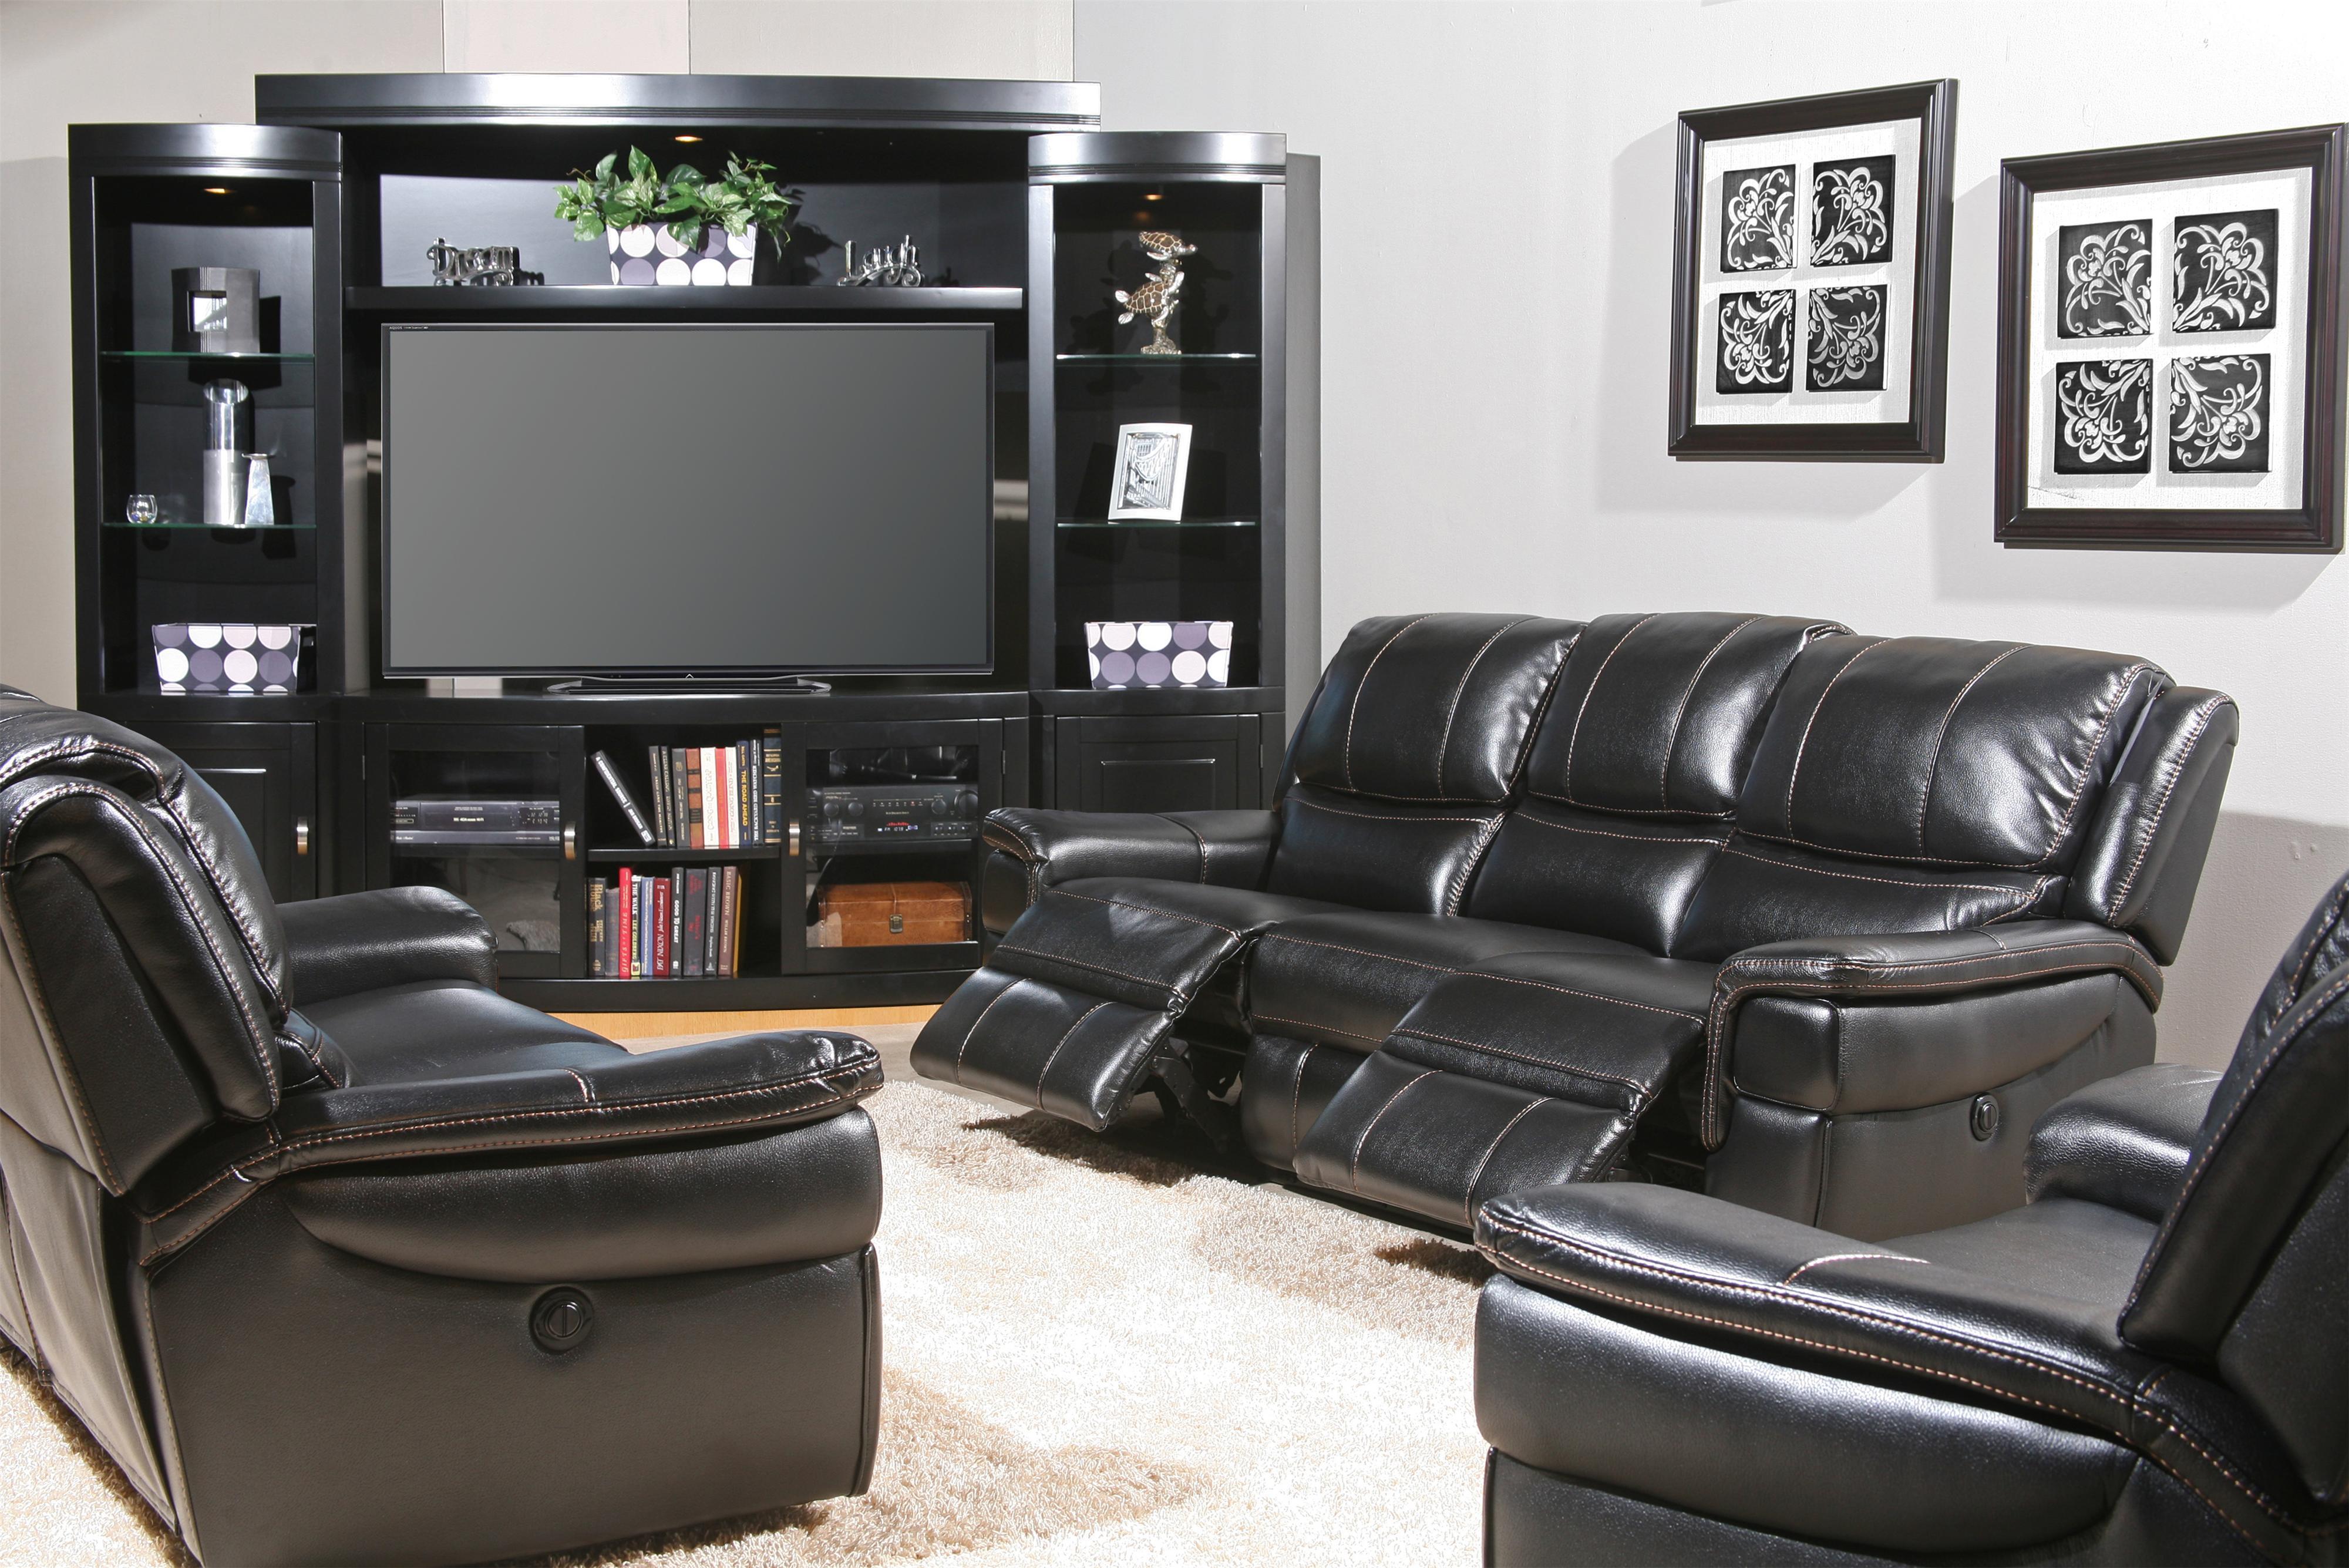 Parker Living Python Reclining Living Room Group - Item Number: MPYT Reclining Living Room Group